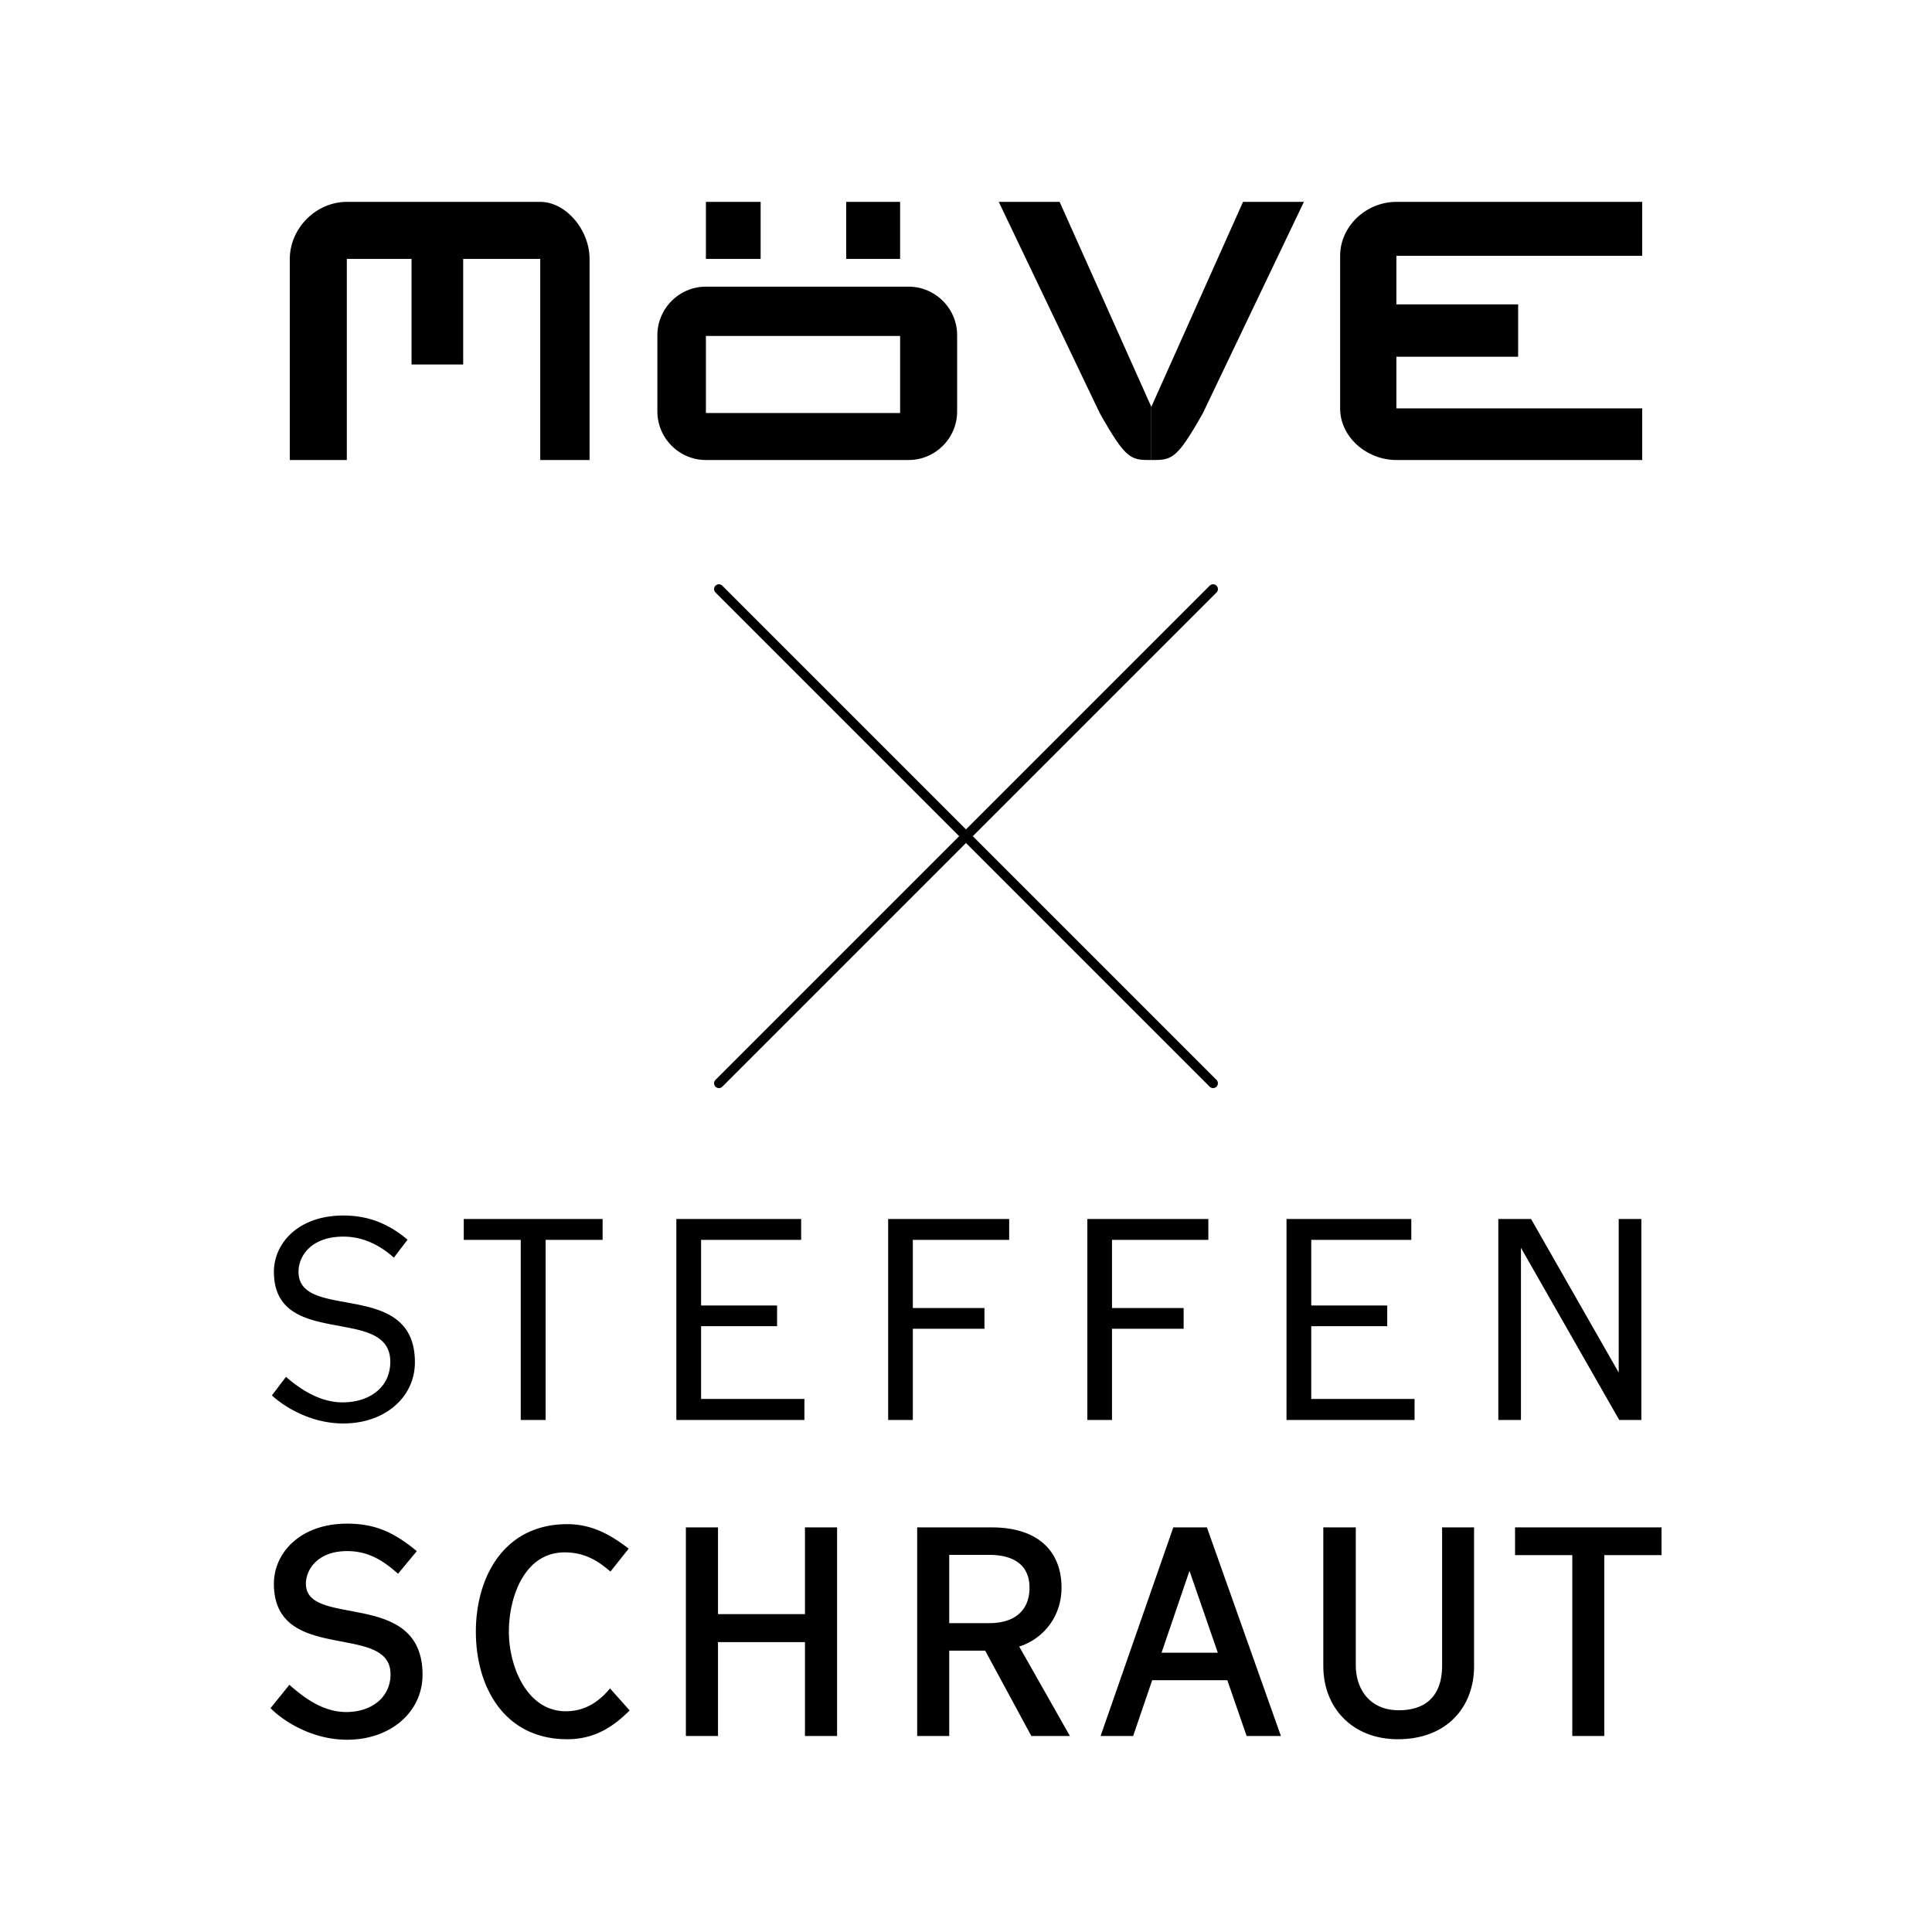 """Made in Germany 100/% Baumwollvelours M/ÖVE x STEFFEN SCHRAUT Beach Collection Strandtuch /""""Banana leaf/"""" 80 x 180 cm Handtuch Multicolor"""